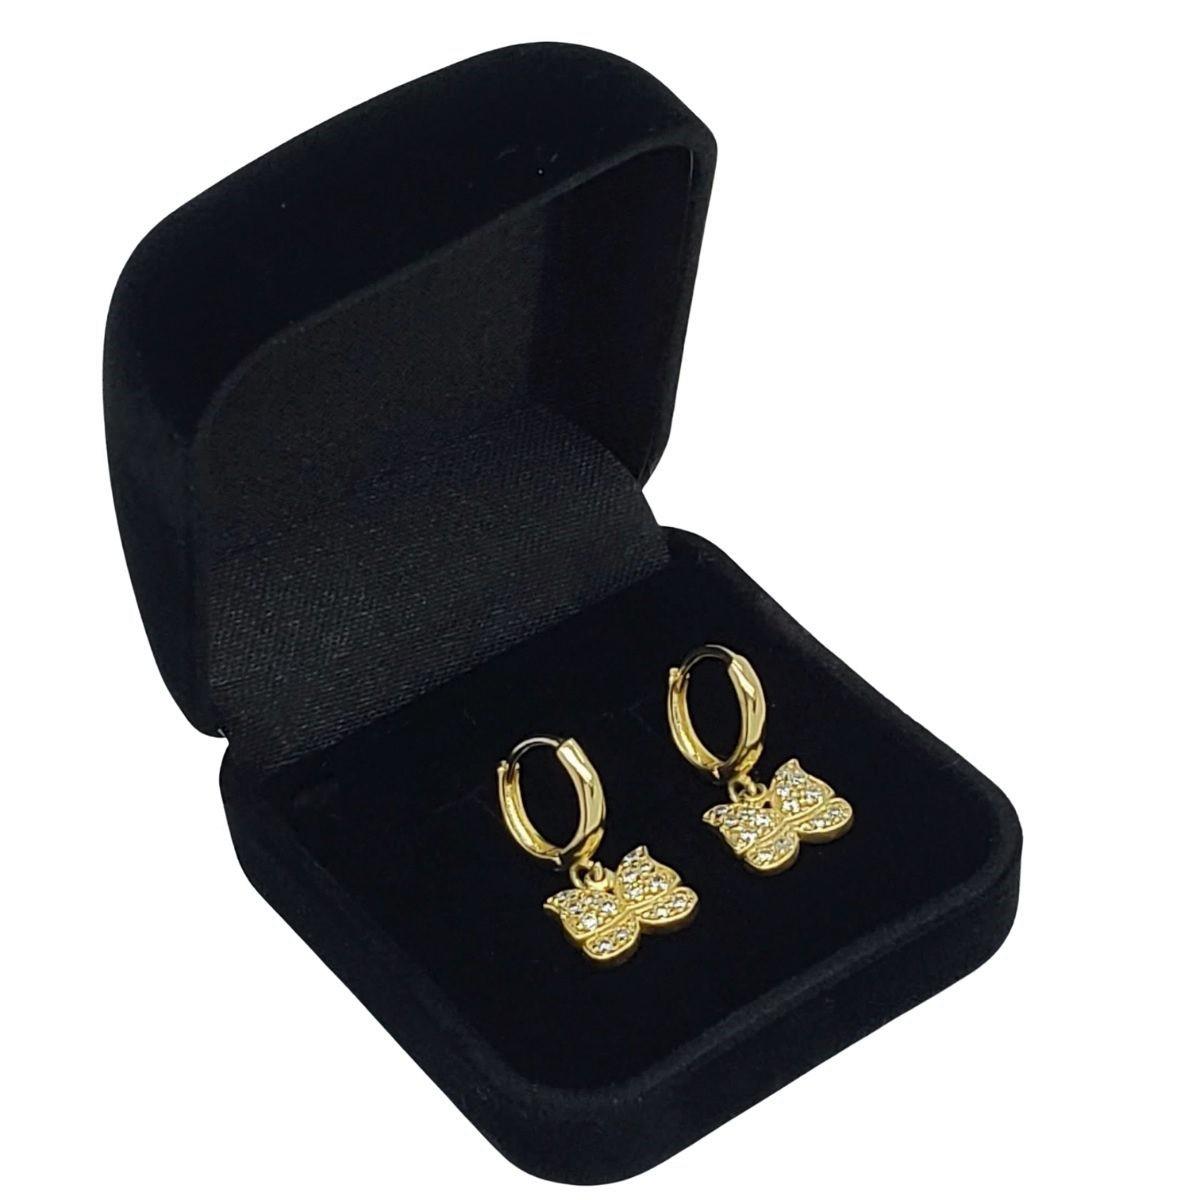 Brincos Argolas Borboleta Cravejados De Zirconias Banho De Ouro 18k 1759